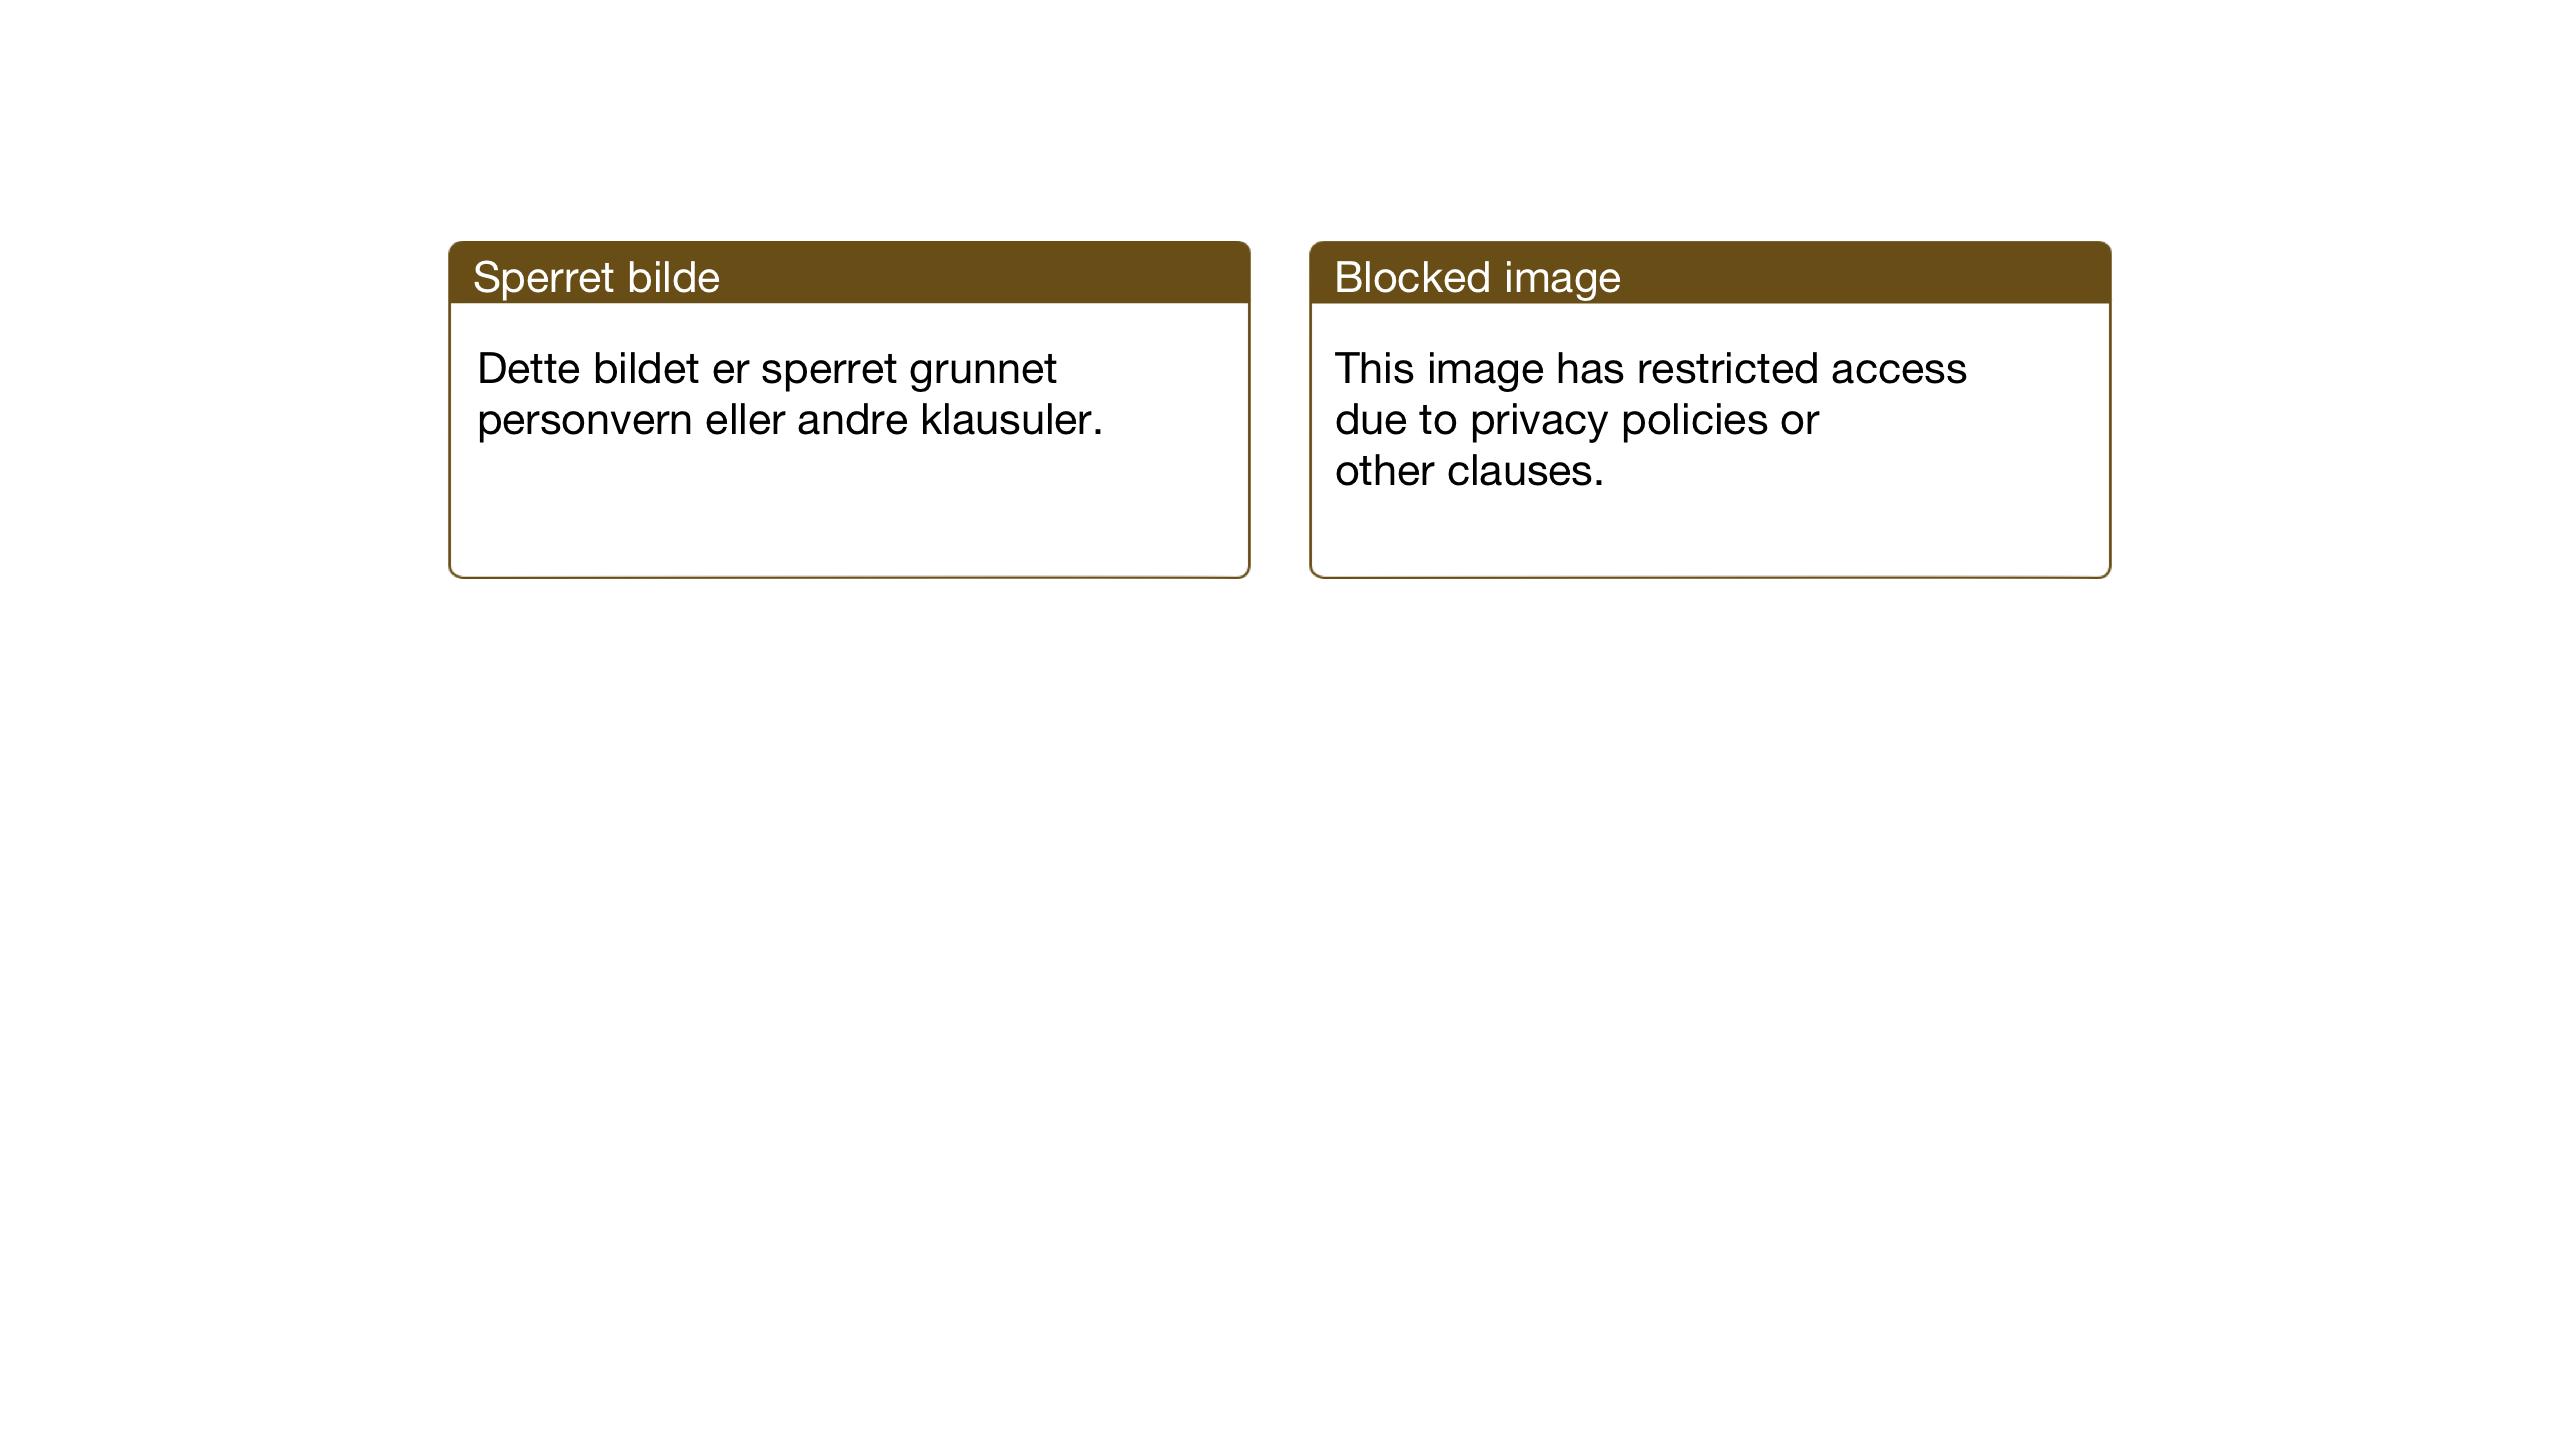 SAT, Ministerialprotokoller, klokkerbøker og fødselsregistre - Sør-Trøndelag, 617/L0432: Klokkerbok nr. 617C03, 1936-1942, s. 6